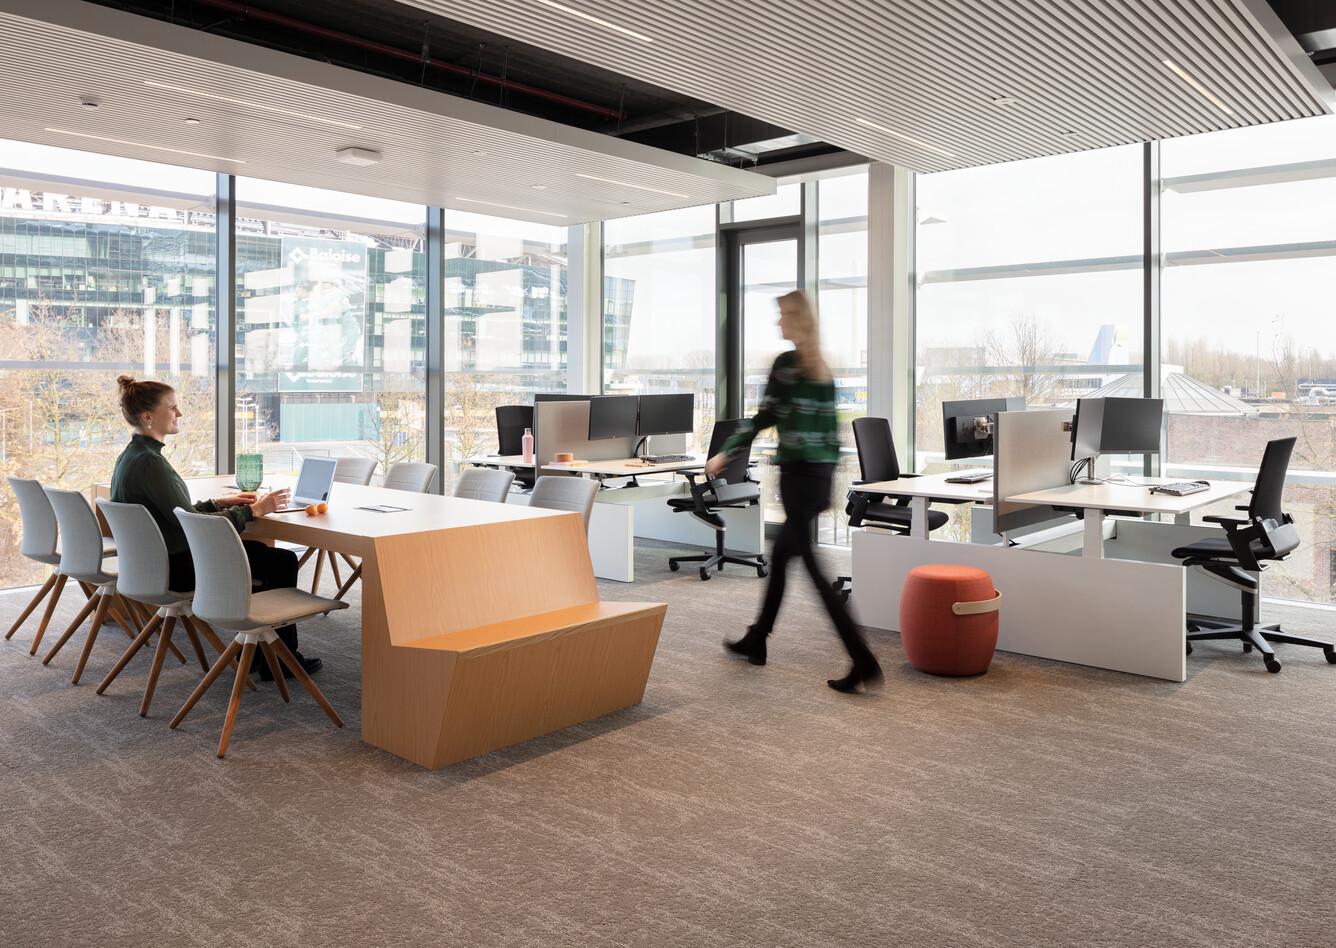 Royal Ahrend office project Vandemoortele in Gent 06